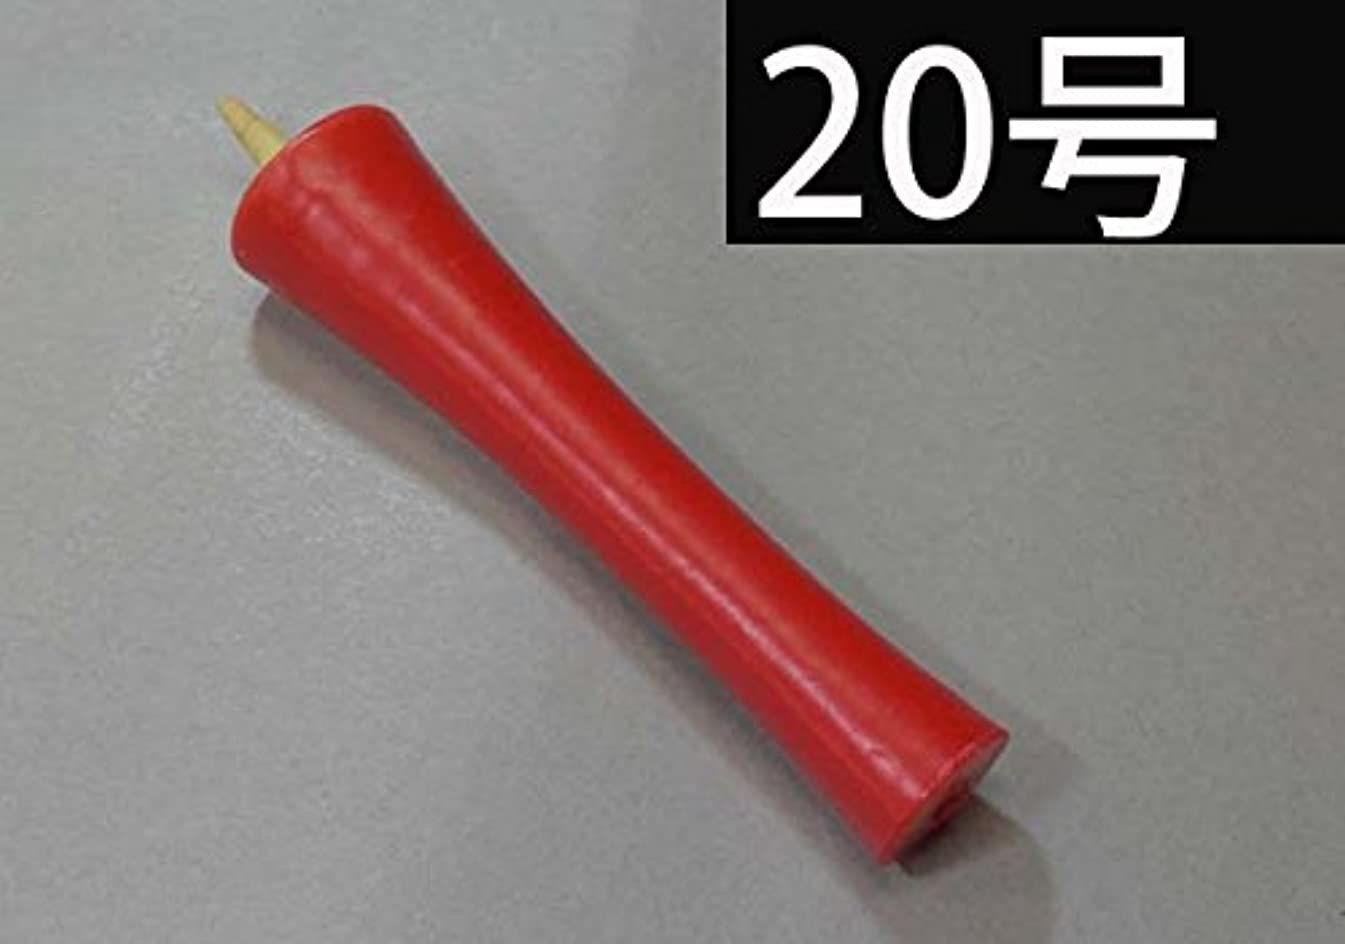 永久に戸棚繰り返した和ろうそく 型和蝋燭 ローソク【朱】 イカリ 20号 朱色 6本入り 約17センチ 約3時間30分燃焼